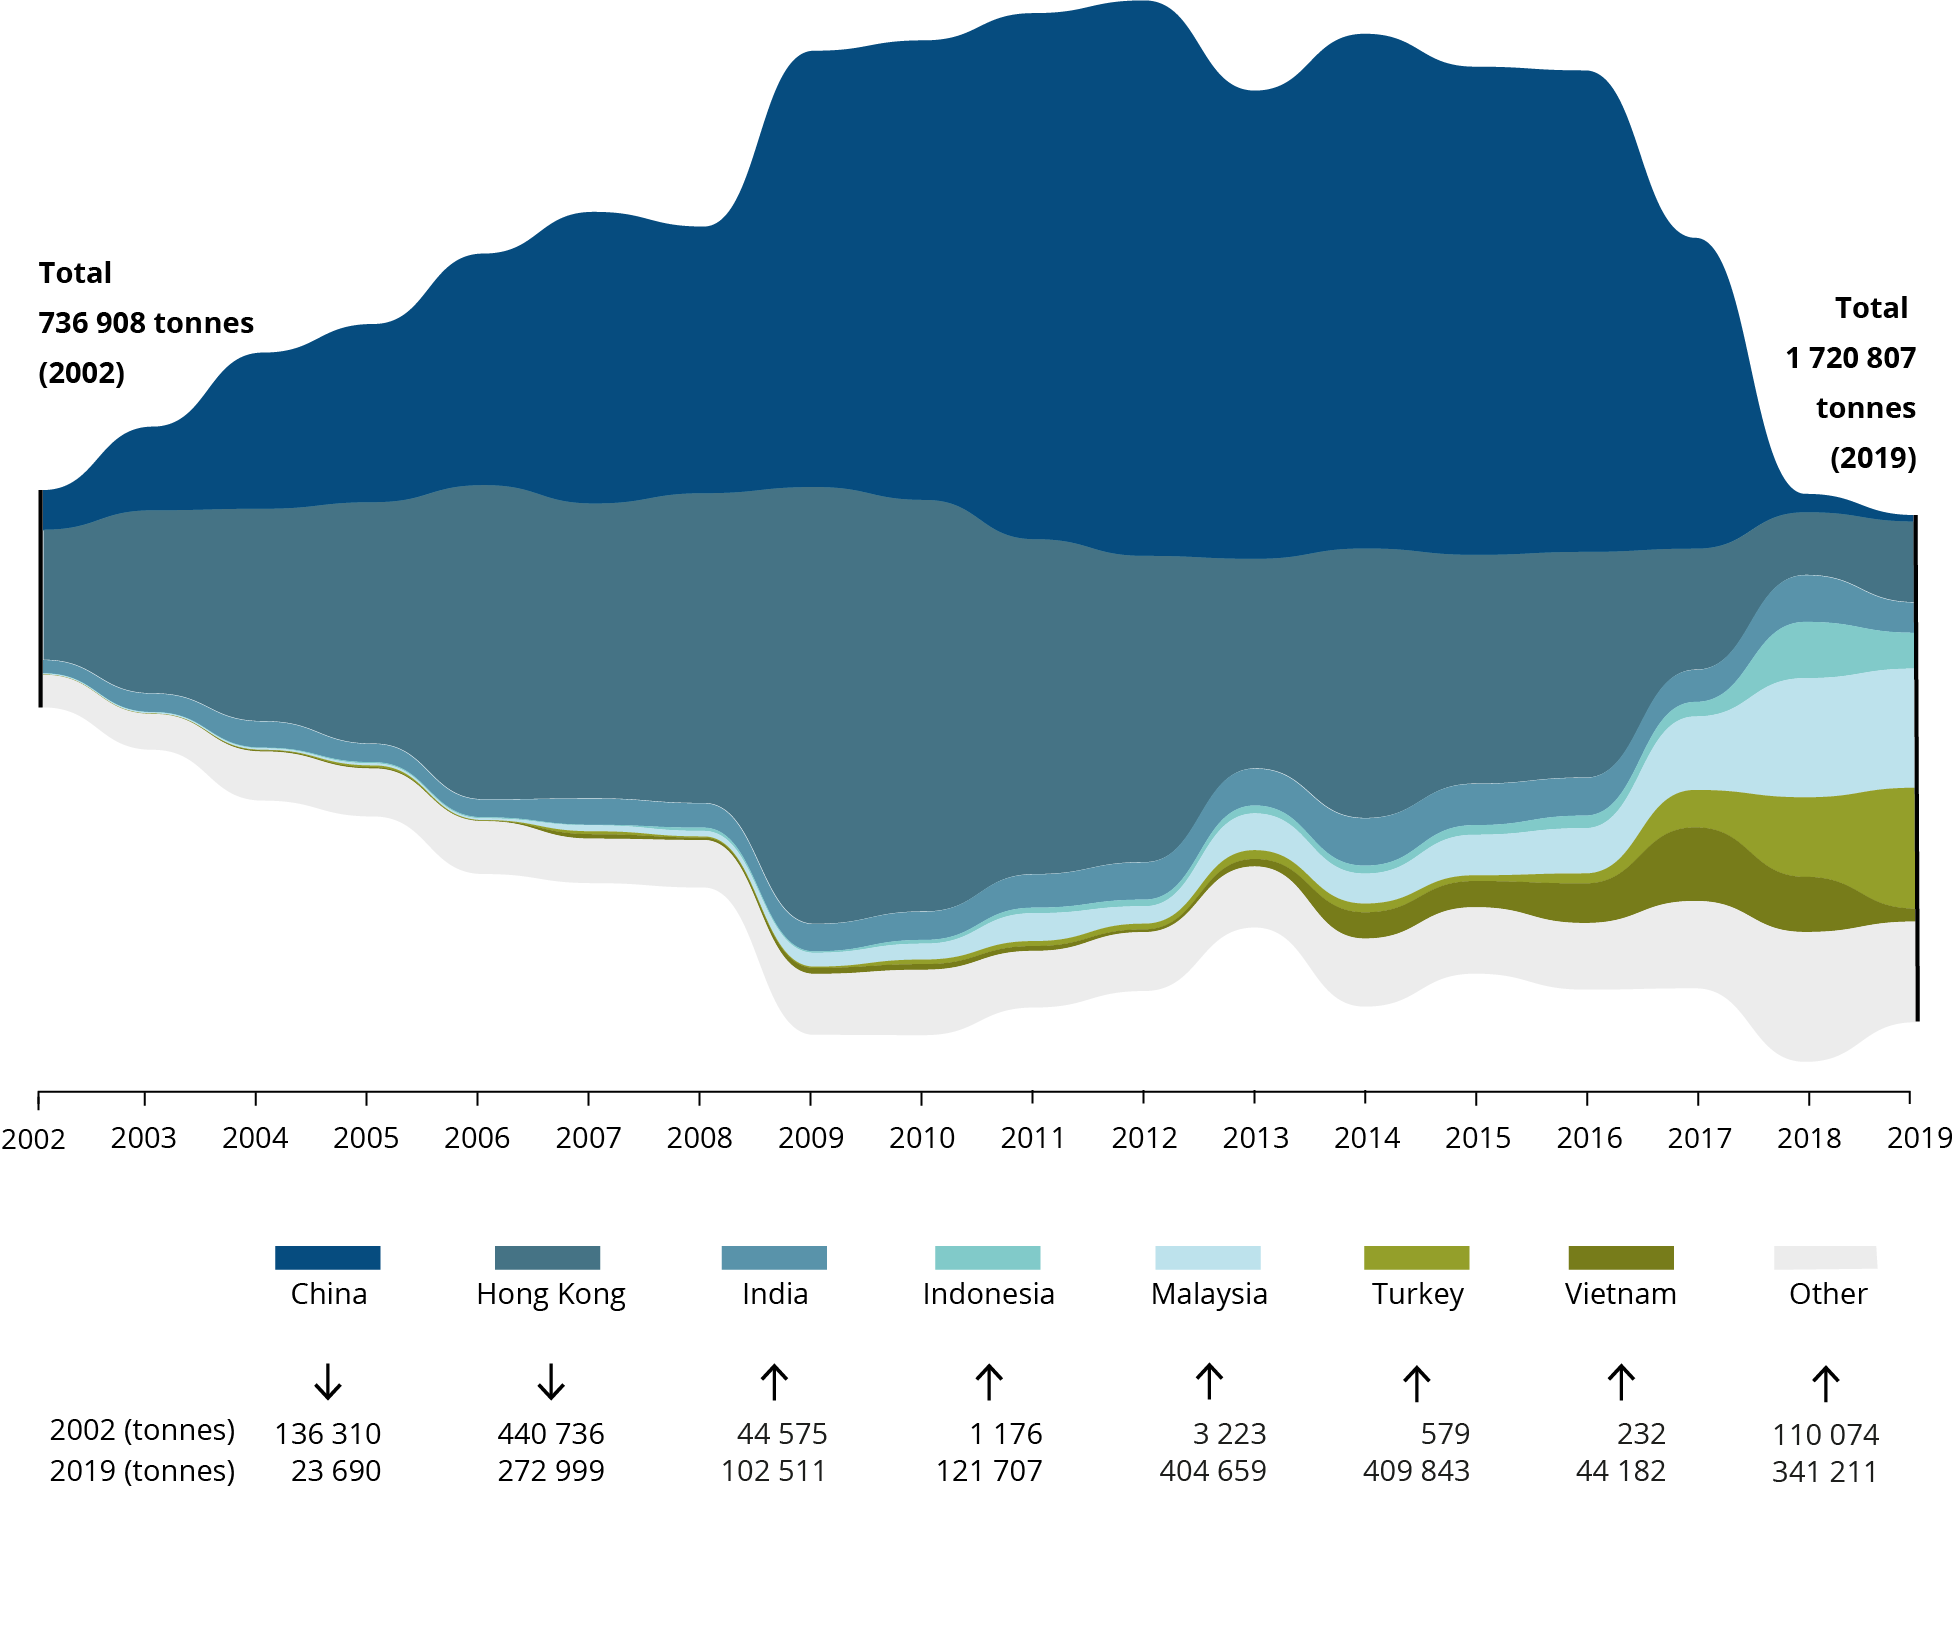 EU-28 plastic waste exports, 2002-2018